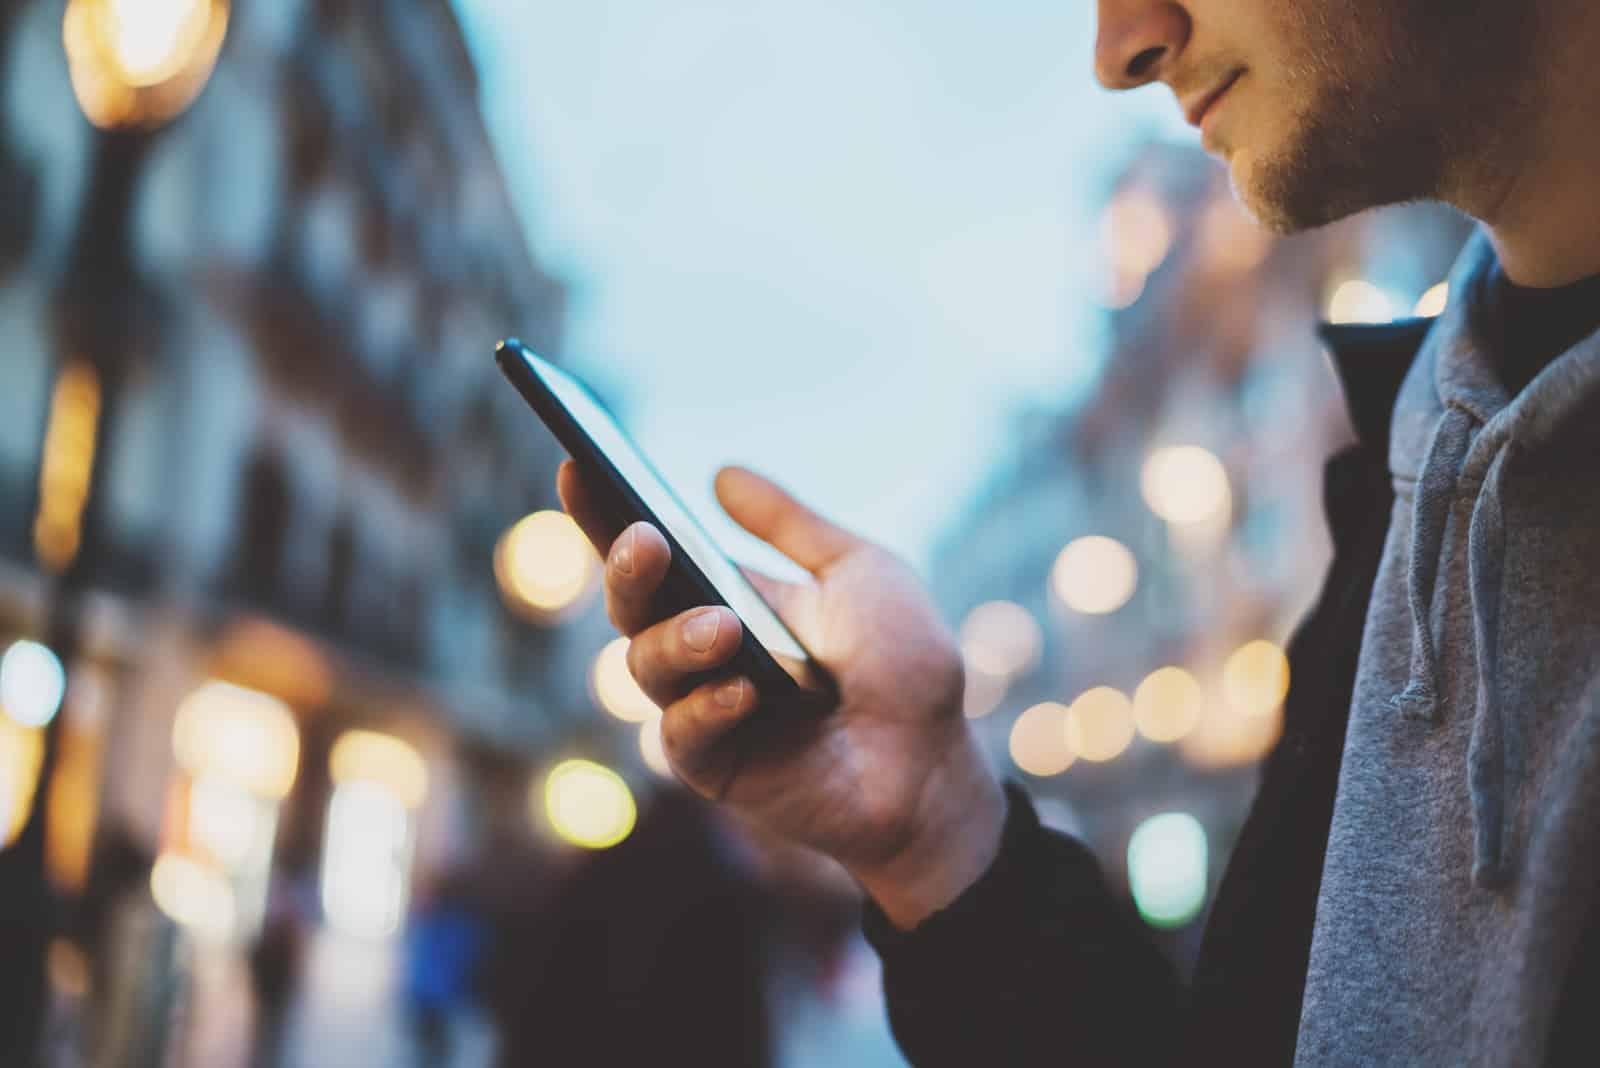 Mann mit Smartphone in der Nacht Stadtstraße